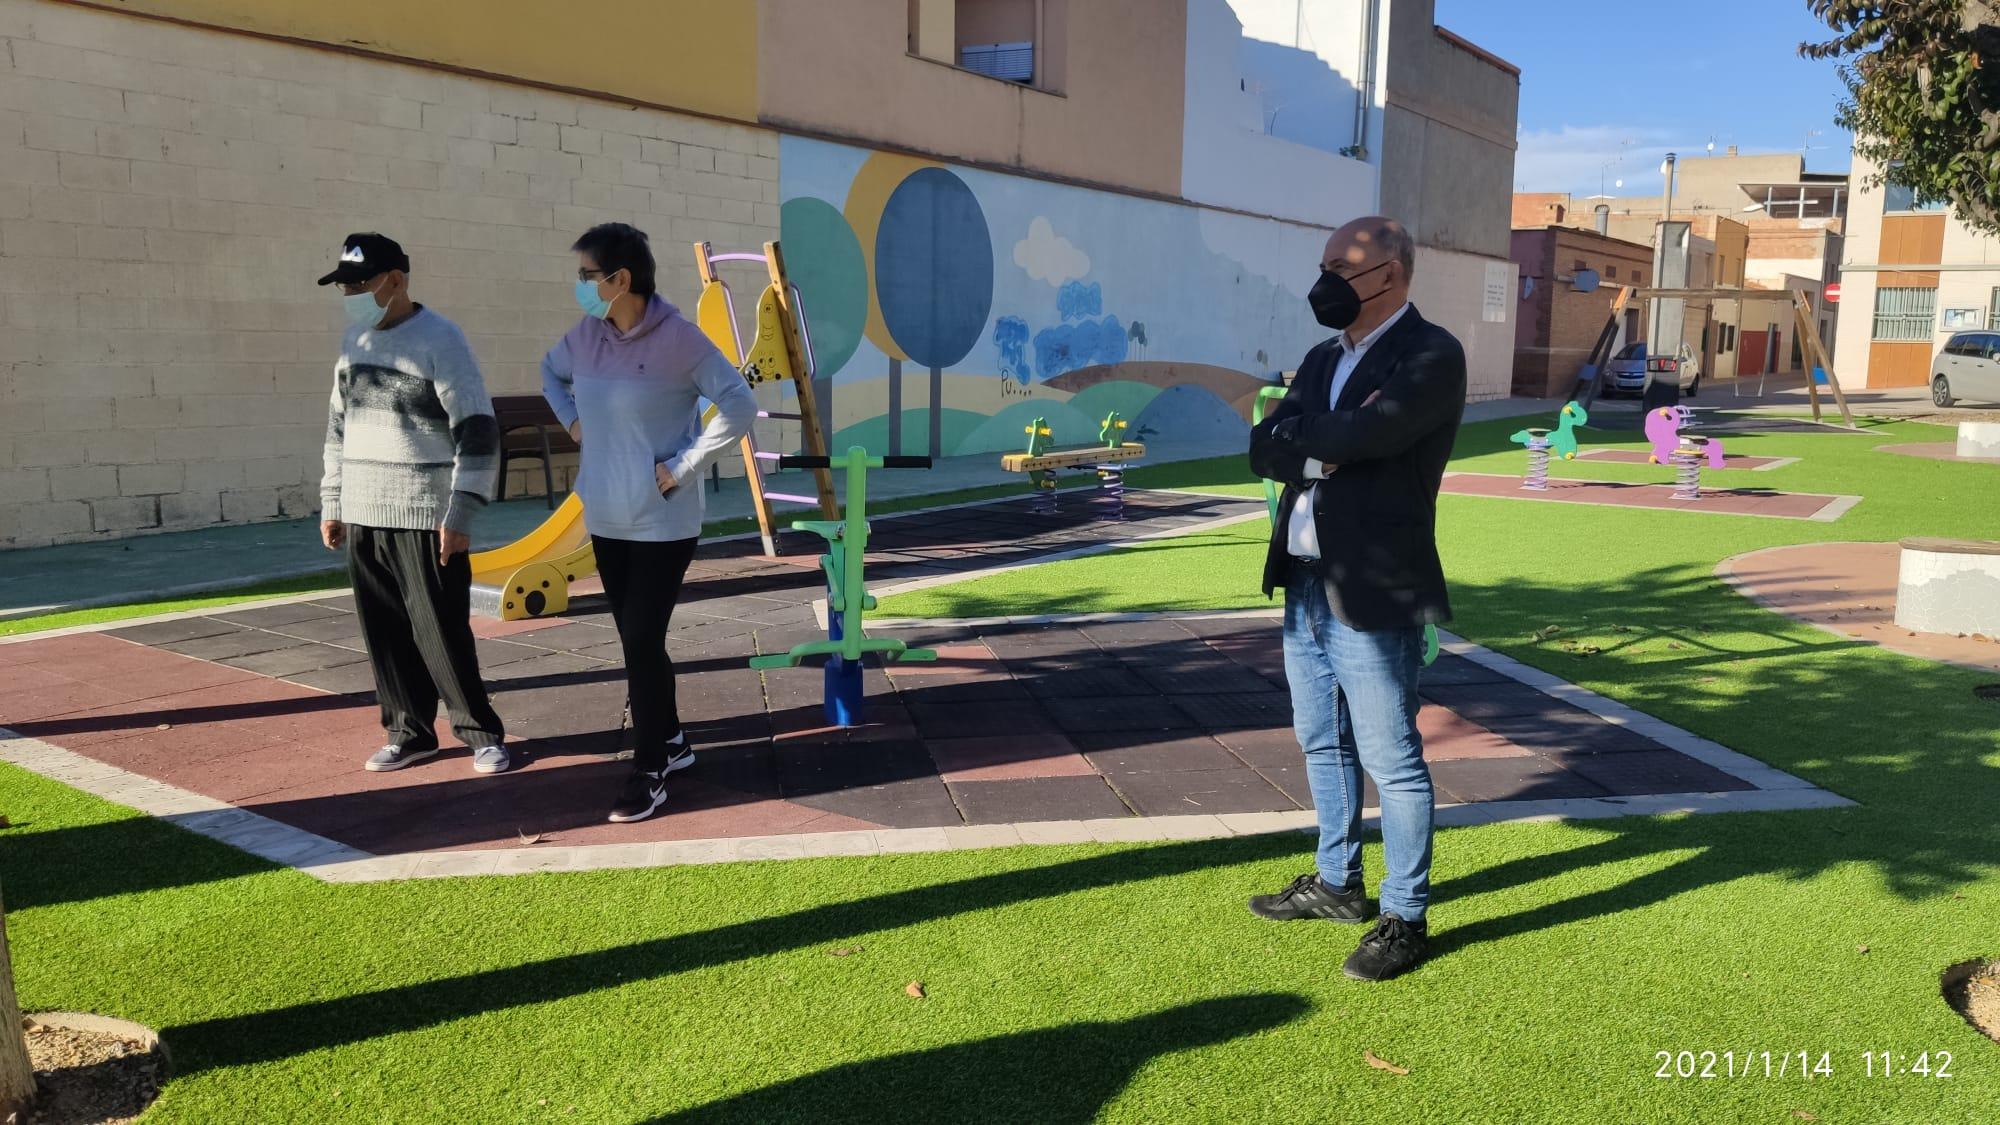 Servicios Públicos de Vila-real adapta y moderniza el jardín del Progreso con la instalación de nuevos juegos infantiles y césped artificial